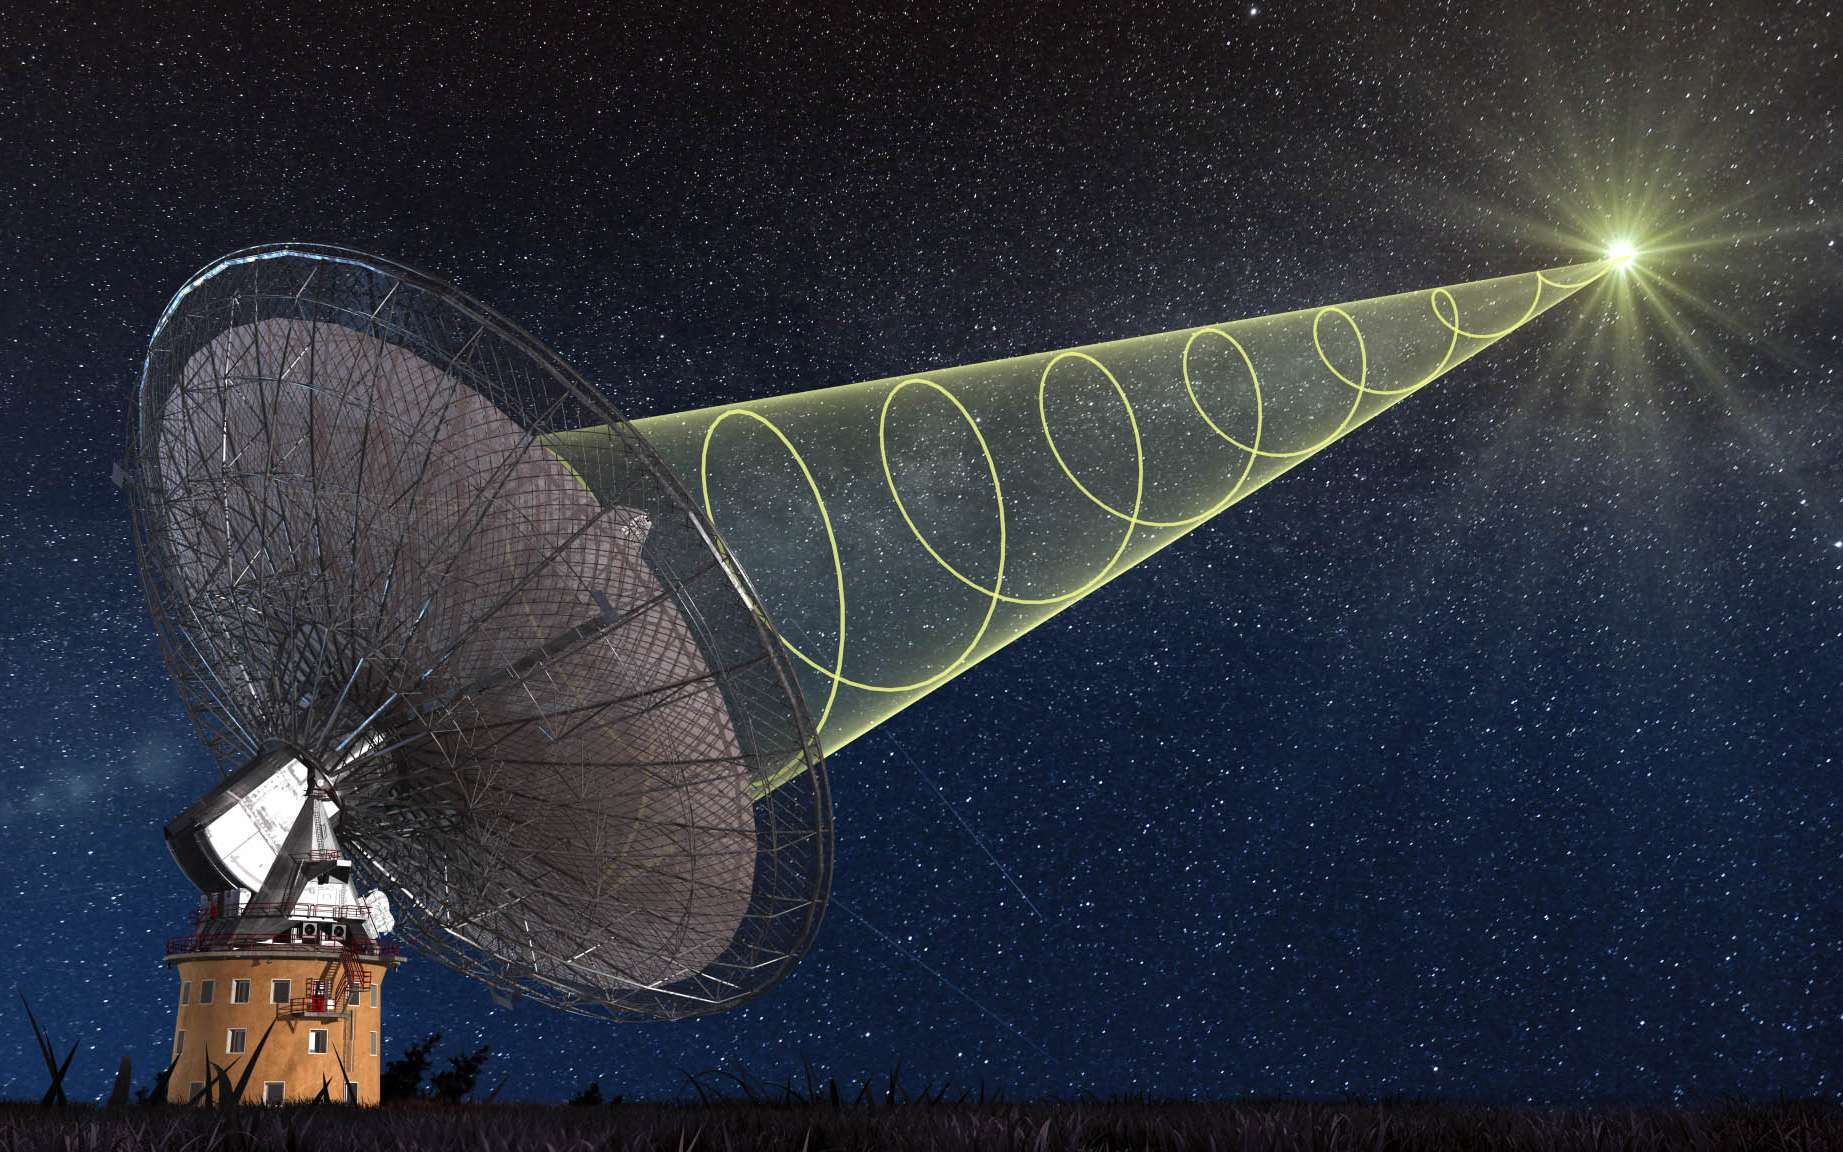 Le radiotélescope de Parkes, en Australie, a pu observer un sursaut radio rapide. Le signal radio est polarisé circulairement. Cela signifie que le champ électrique des ondes émises tourne autour de la direction de propagation de l'onde. © Swinburne Astronomy Productions